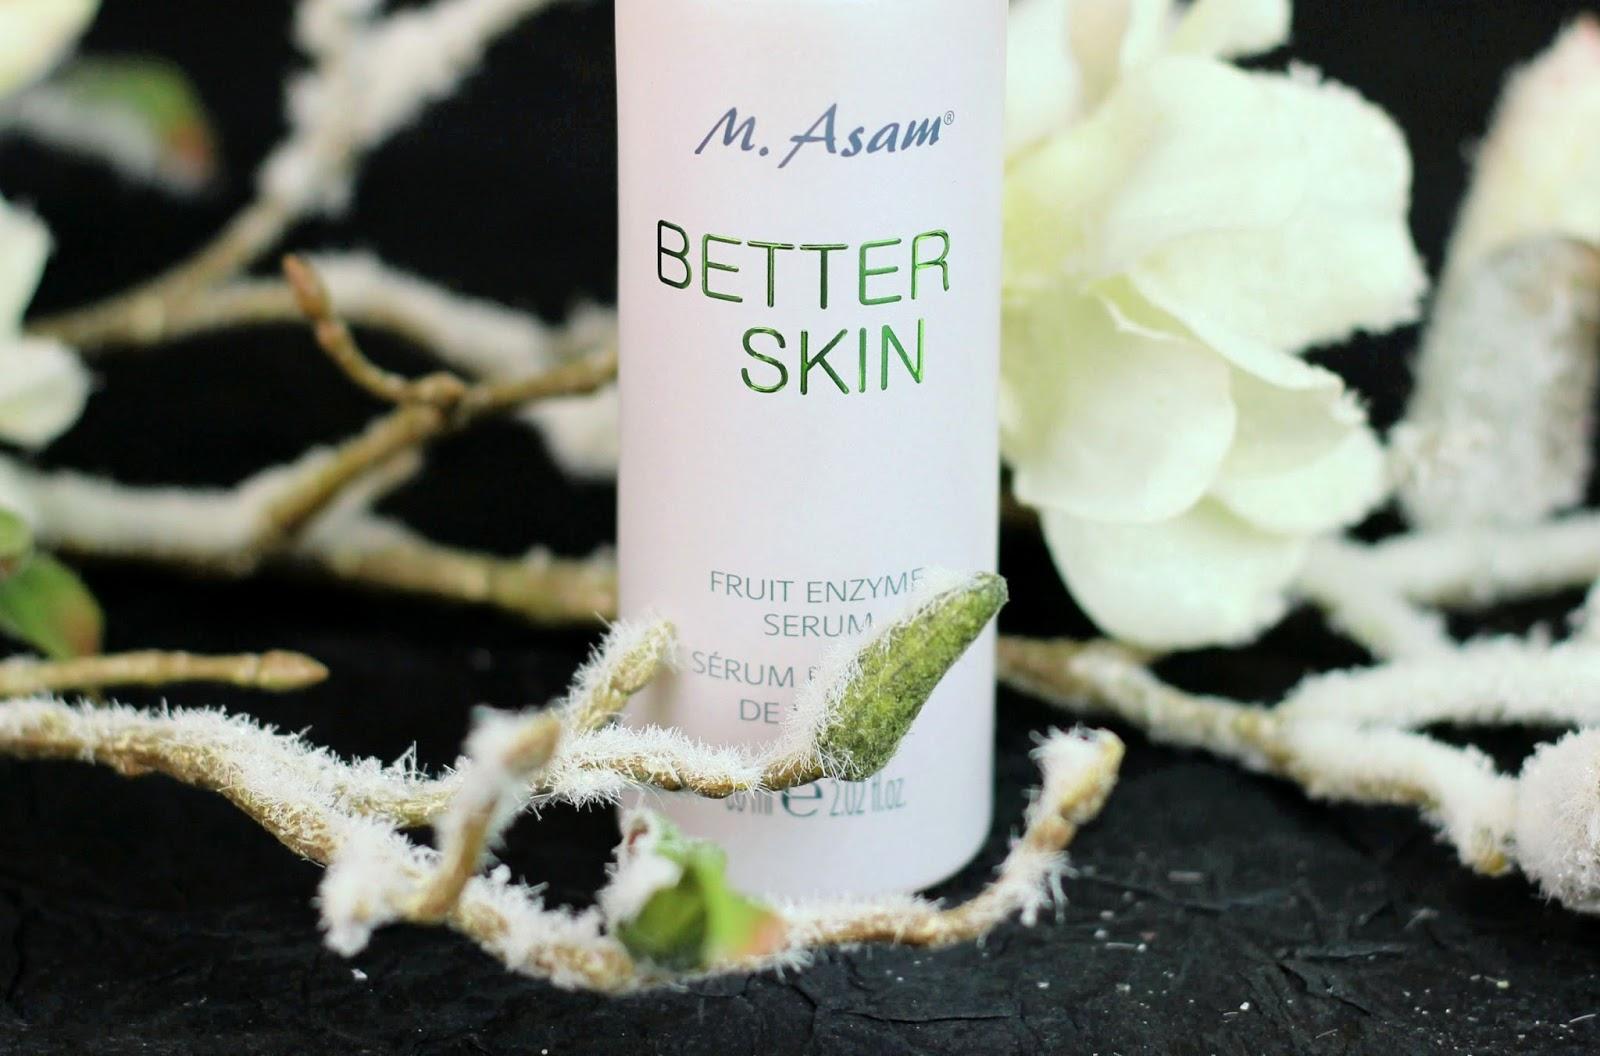 better skin, ebenmäßiger teint, Enzympeeling, frucht enzym serum, Fruchtsäure, fruchtsäurepeeling, gegen Pickel und Hautunreinheiten, hautpflege, m. asam, serum mit fruchtenzymen, verfeinertes Hautbild,